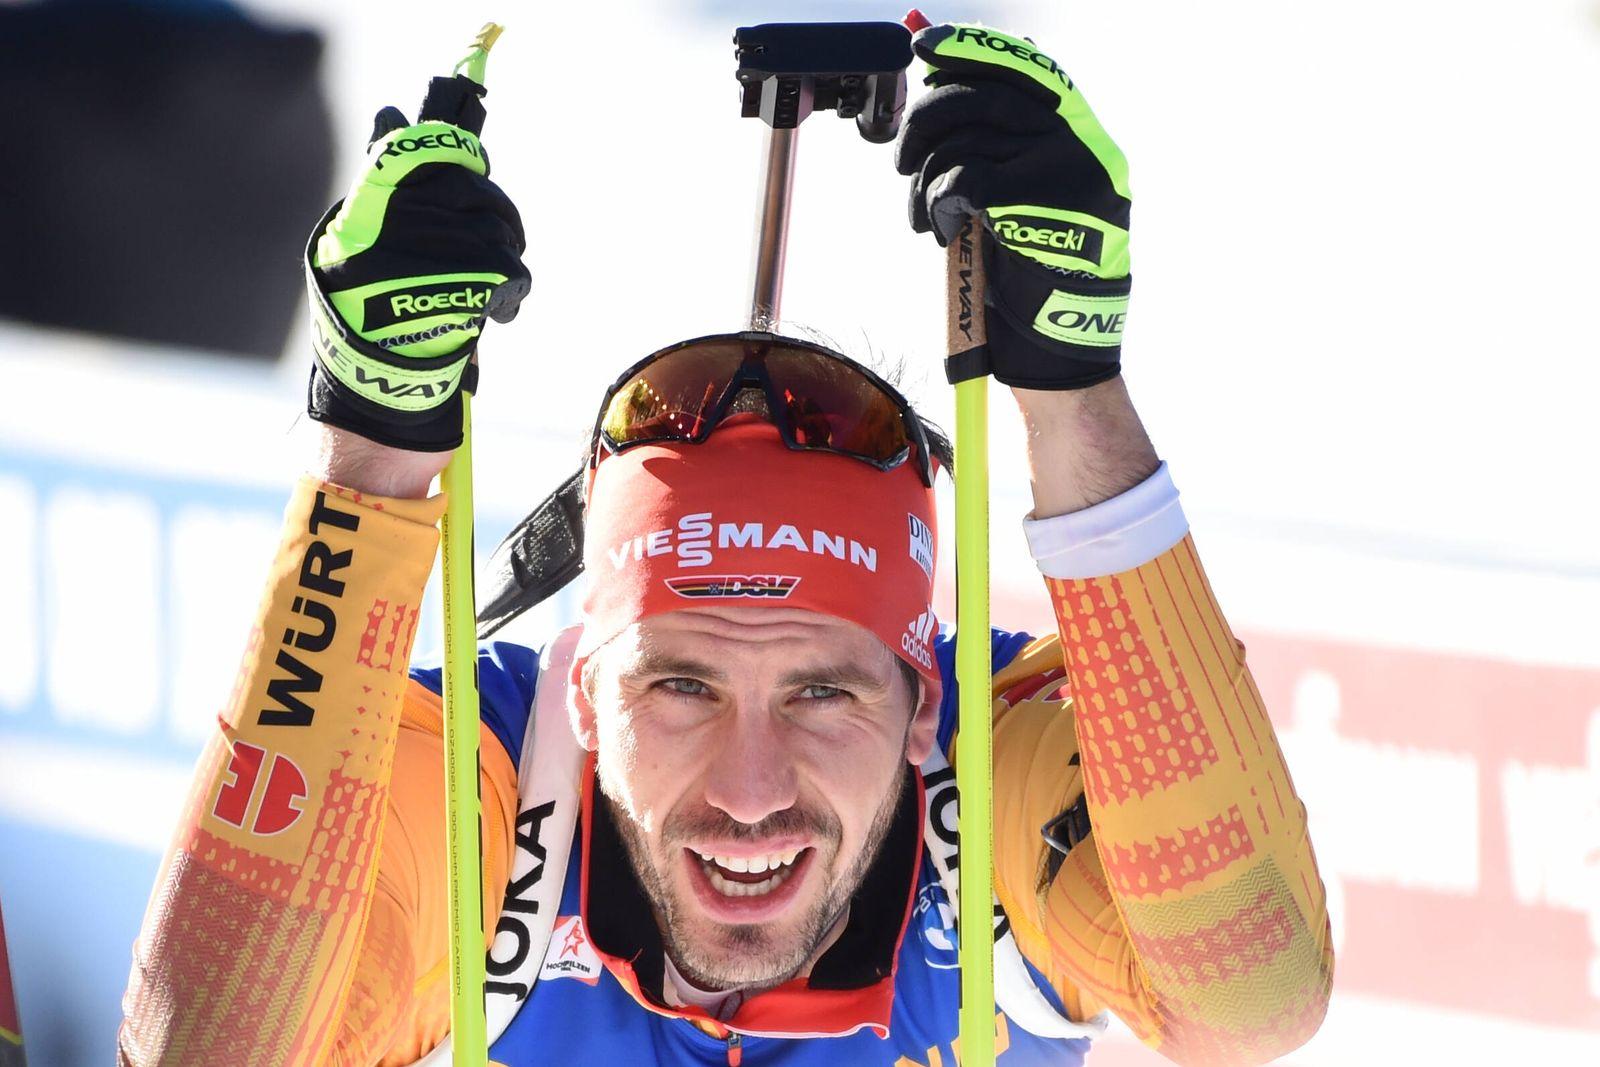 BIATHLON - PEIFFER Arnd (GER) beim BMW IBU World Cup Biathlon Hochfilzen 12,5km Verfolgung der Herren am 19.12.2020, Ös